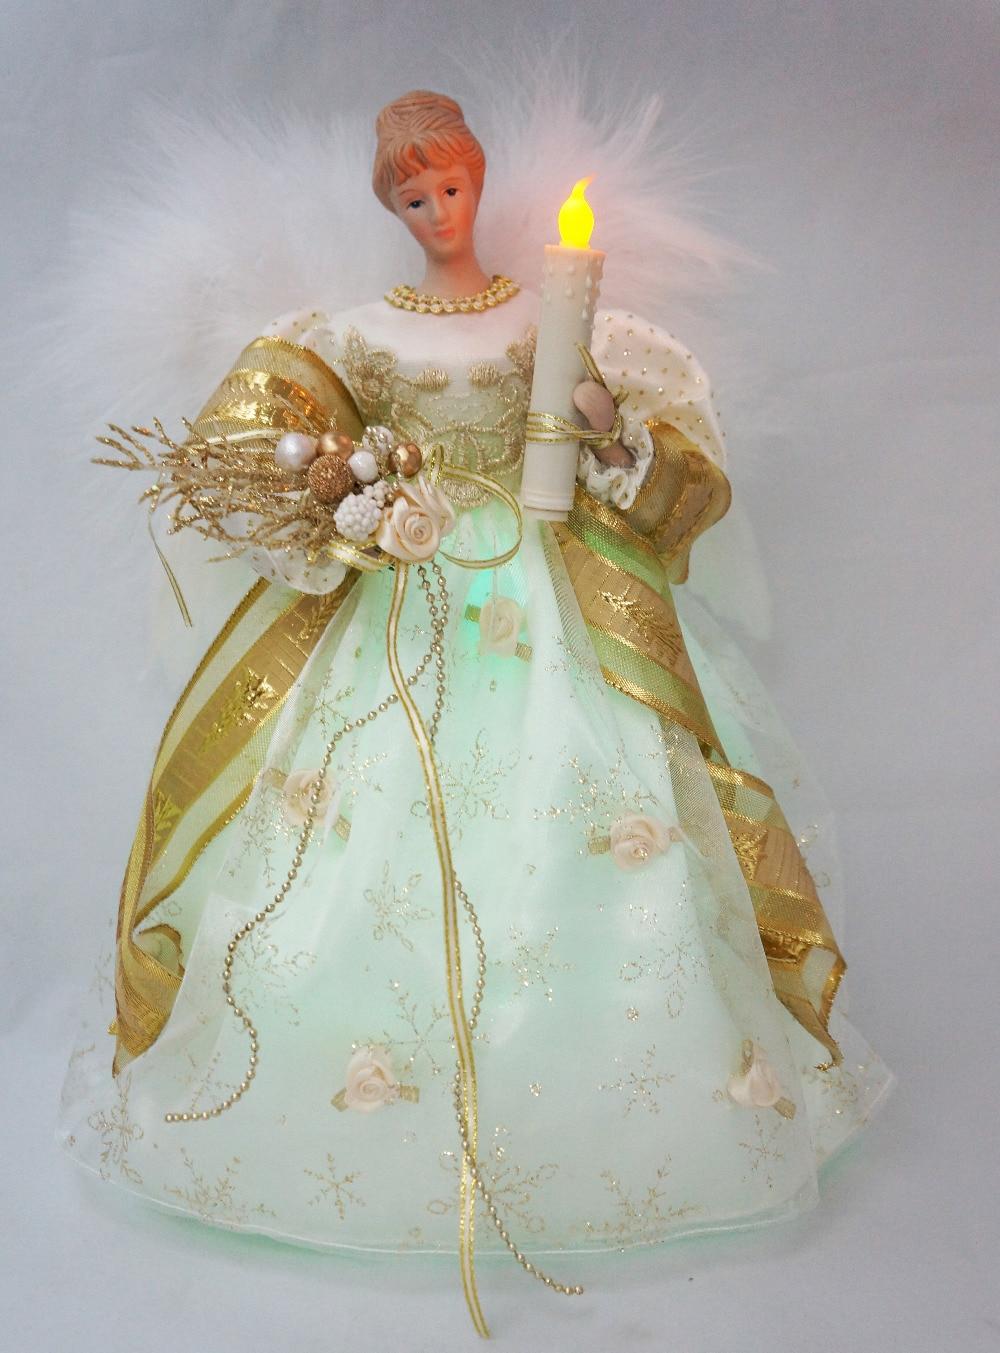 32 42 Cosette Noel Lumiere Ange Decoration Sommet De Sapin Porcelaine Poupee Chronometree Ornement 12 Pouces 30 Cm De Hauteur In Etoile Pour Sapin